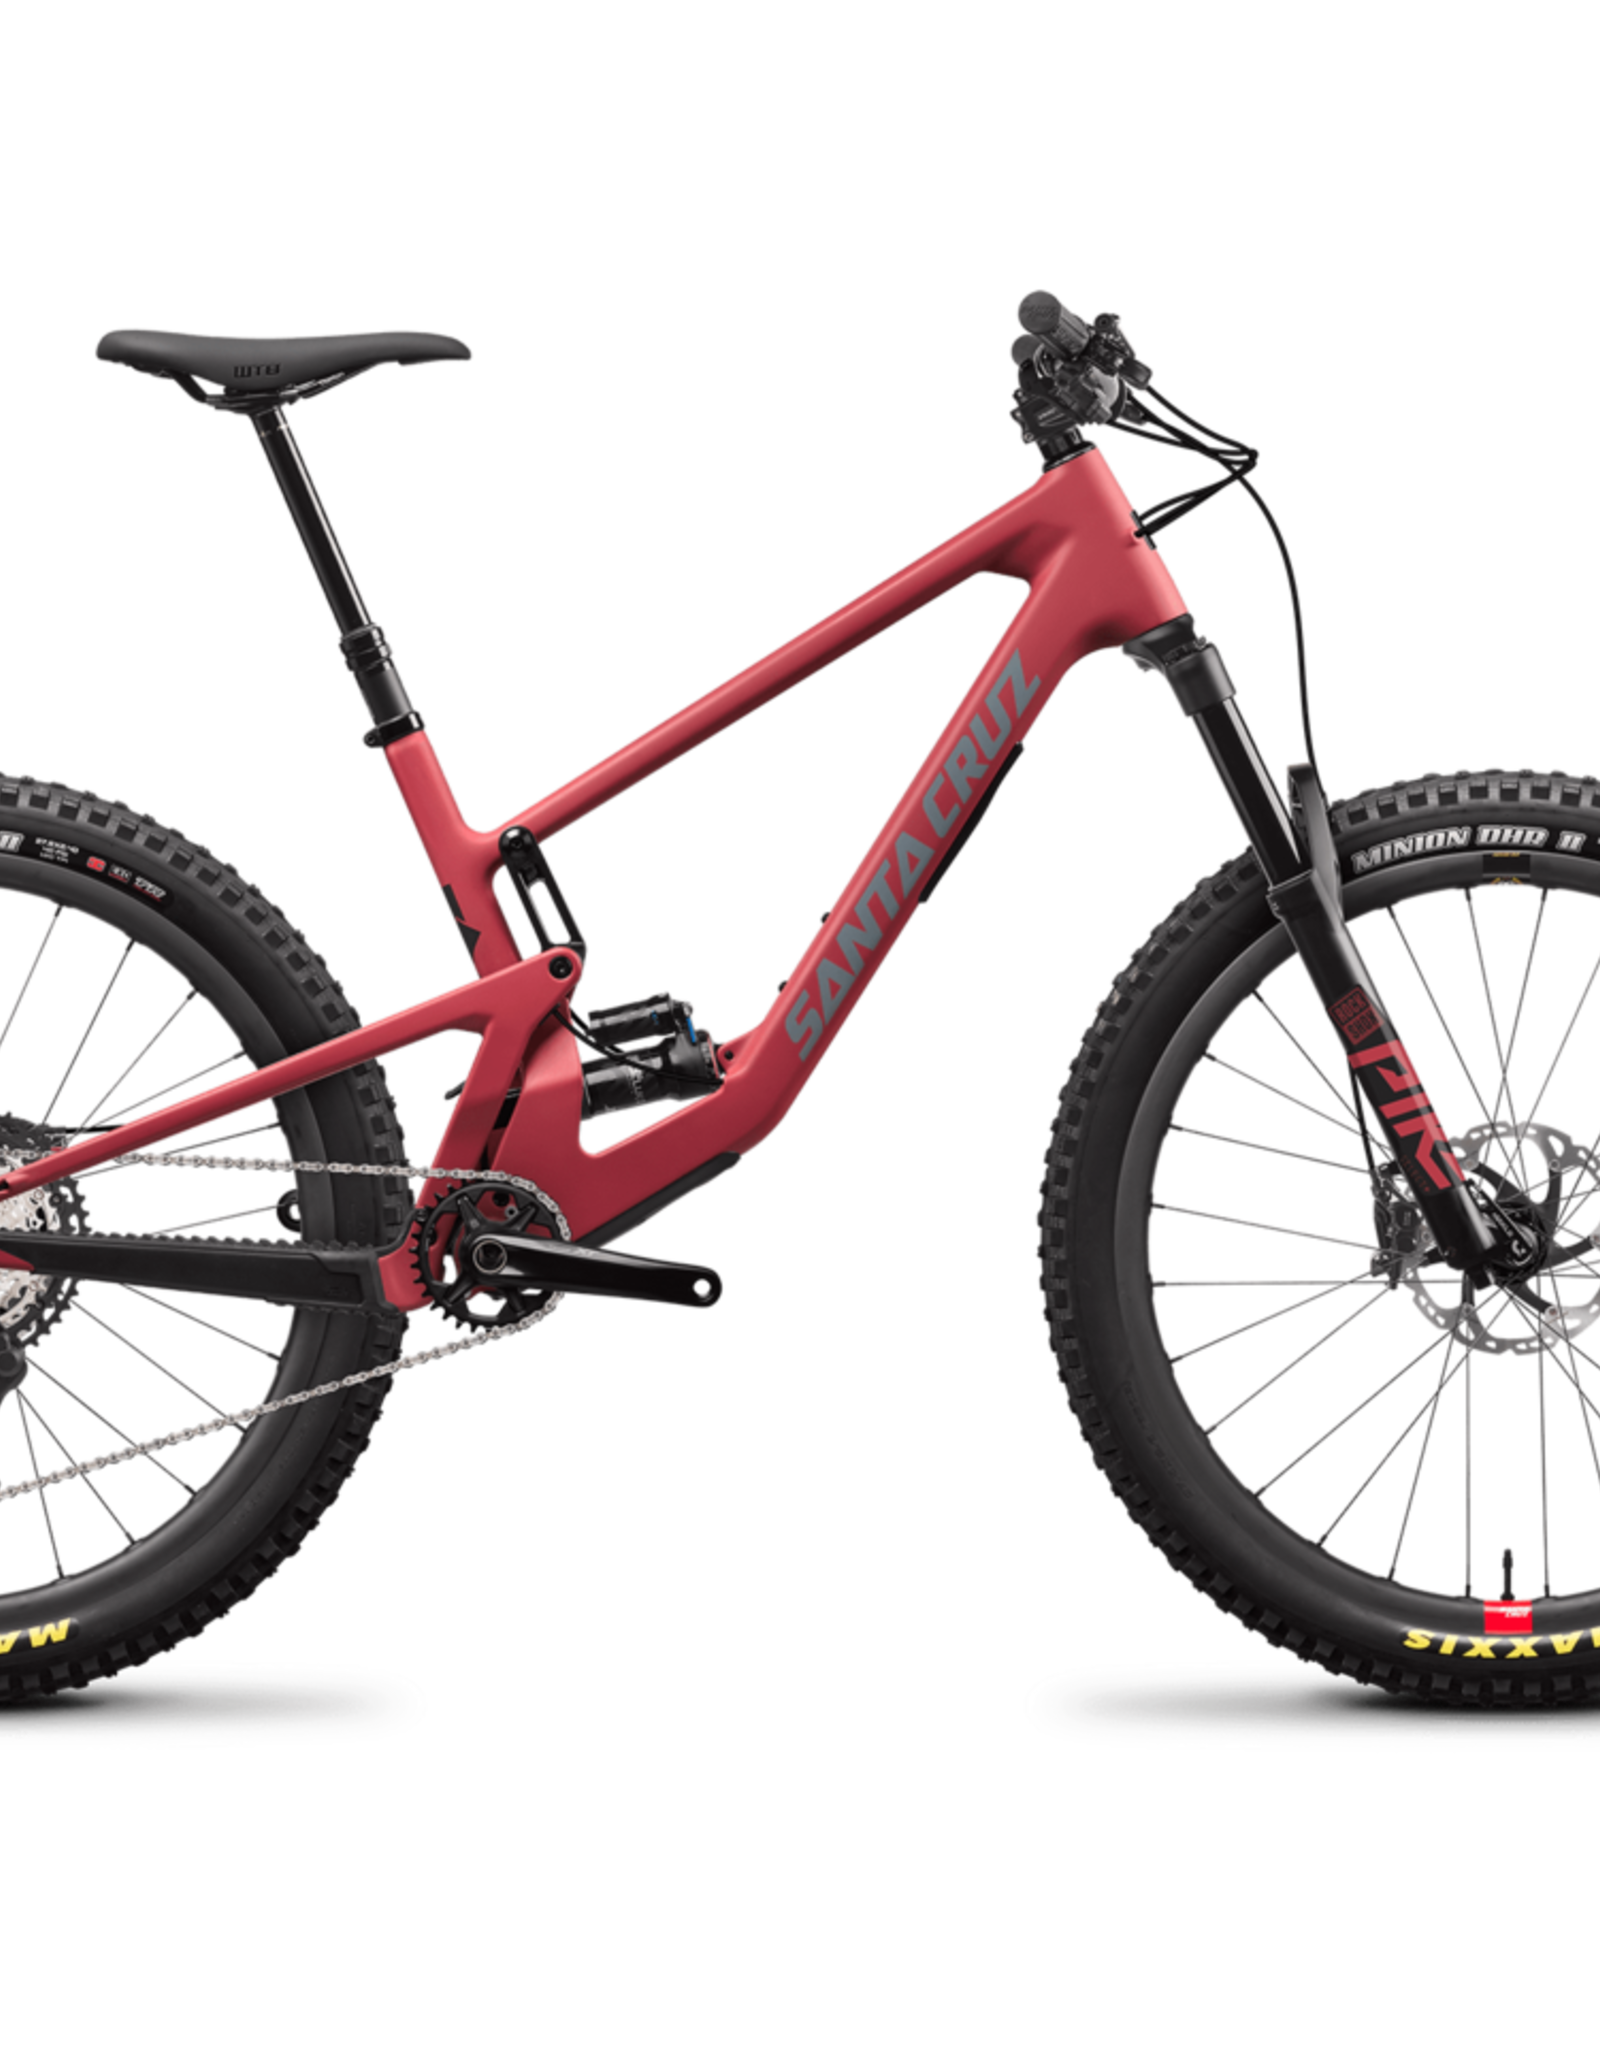 Santa Cruz 5010 C, XT Kit